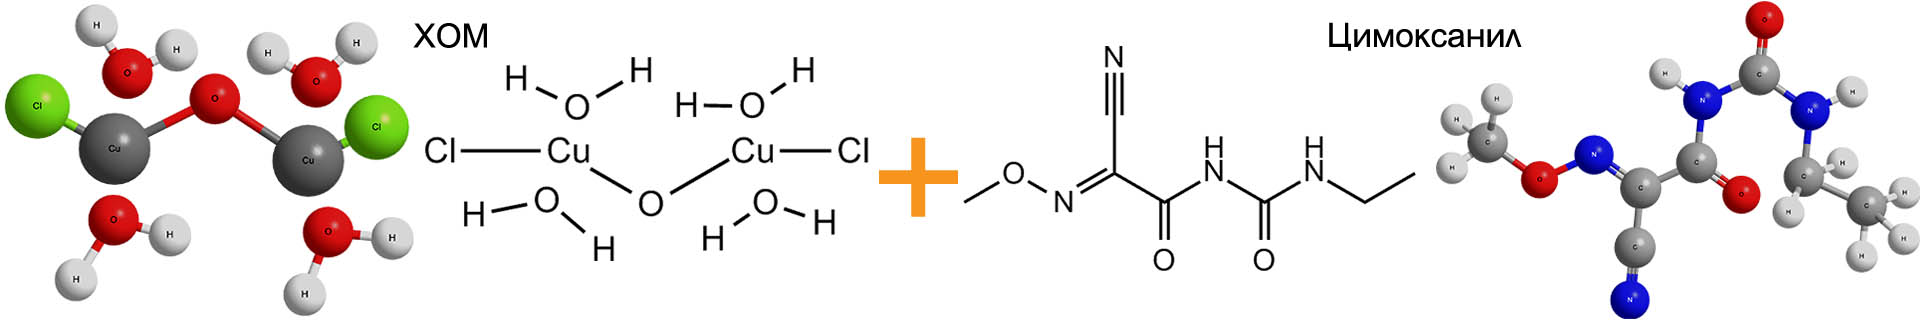 Химический состав фунгицида Ордан